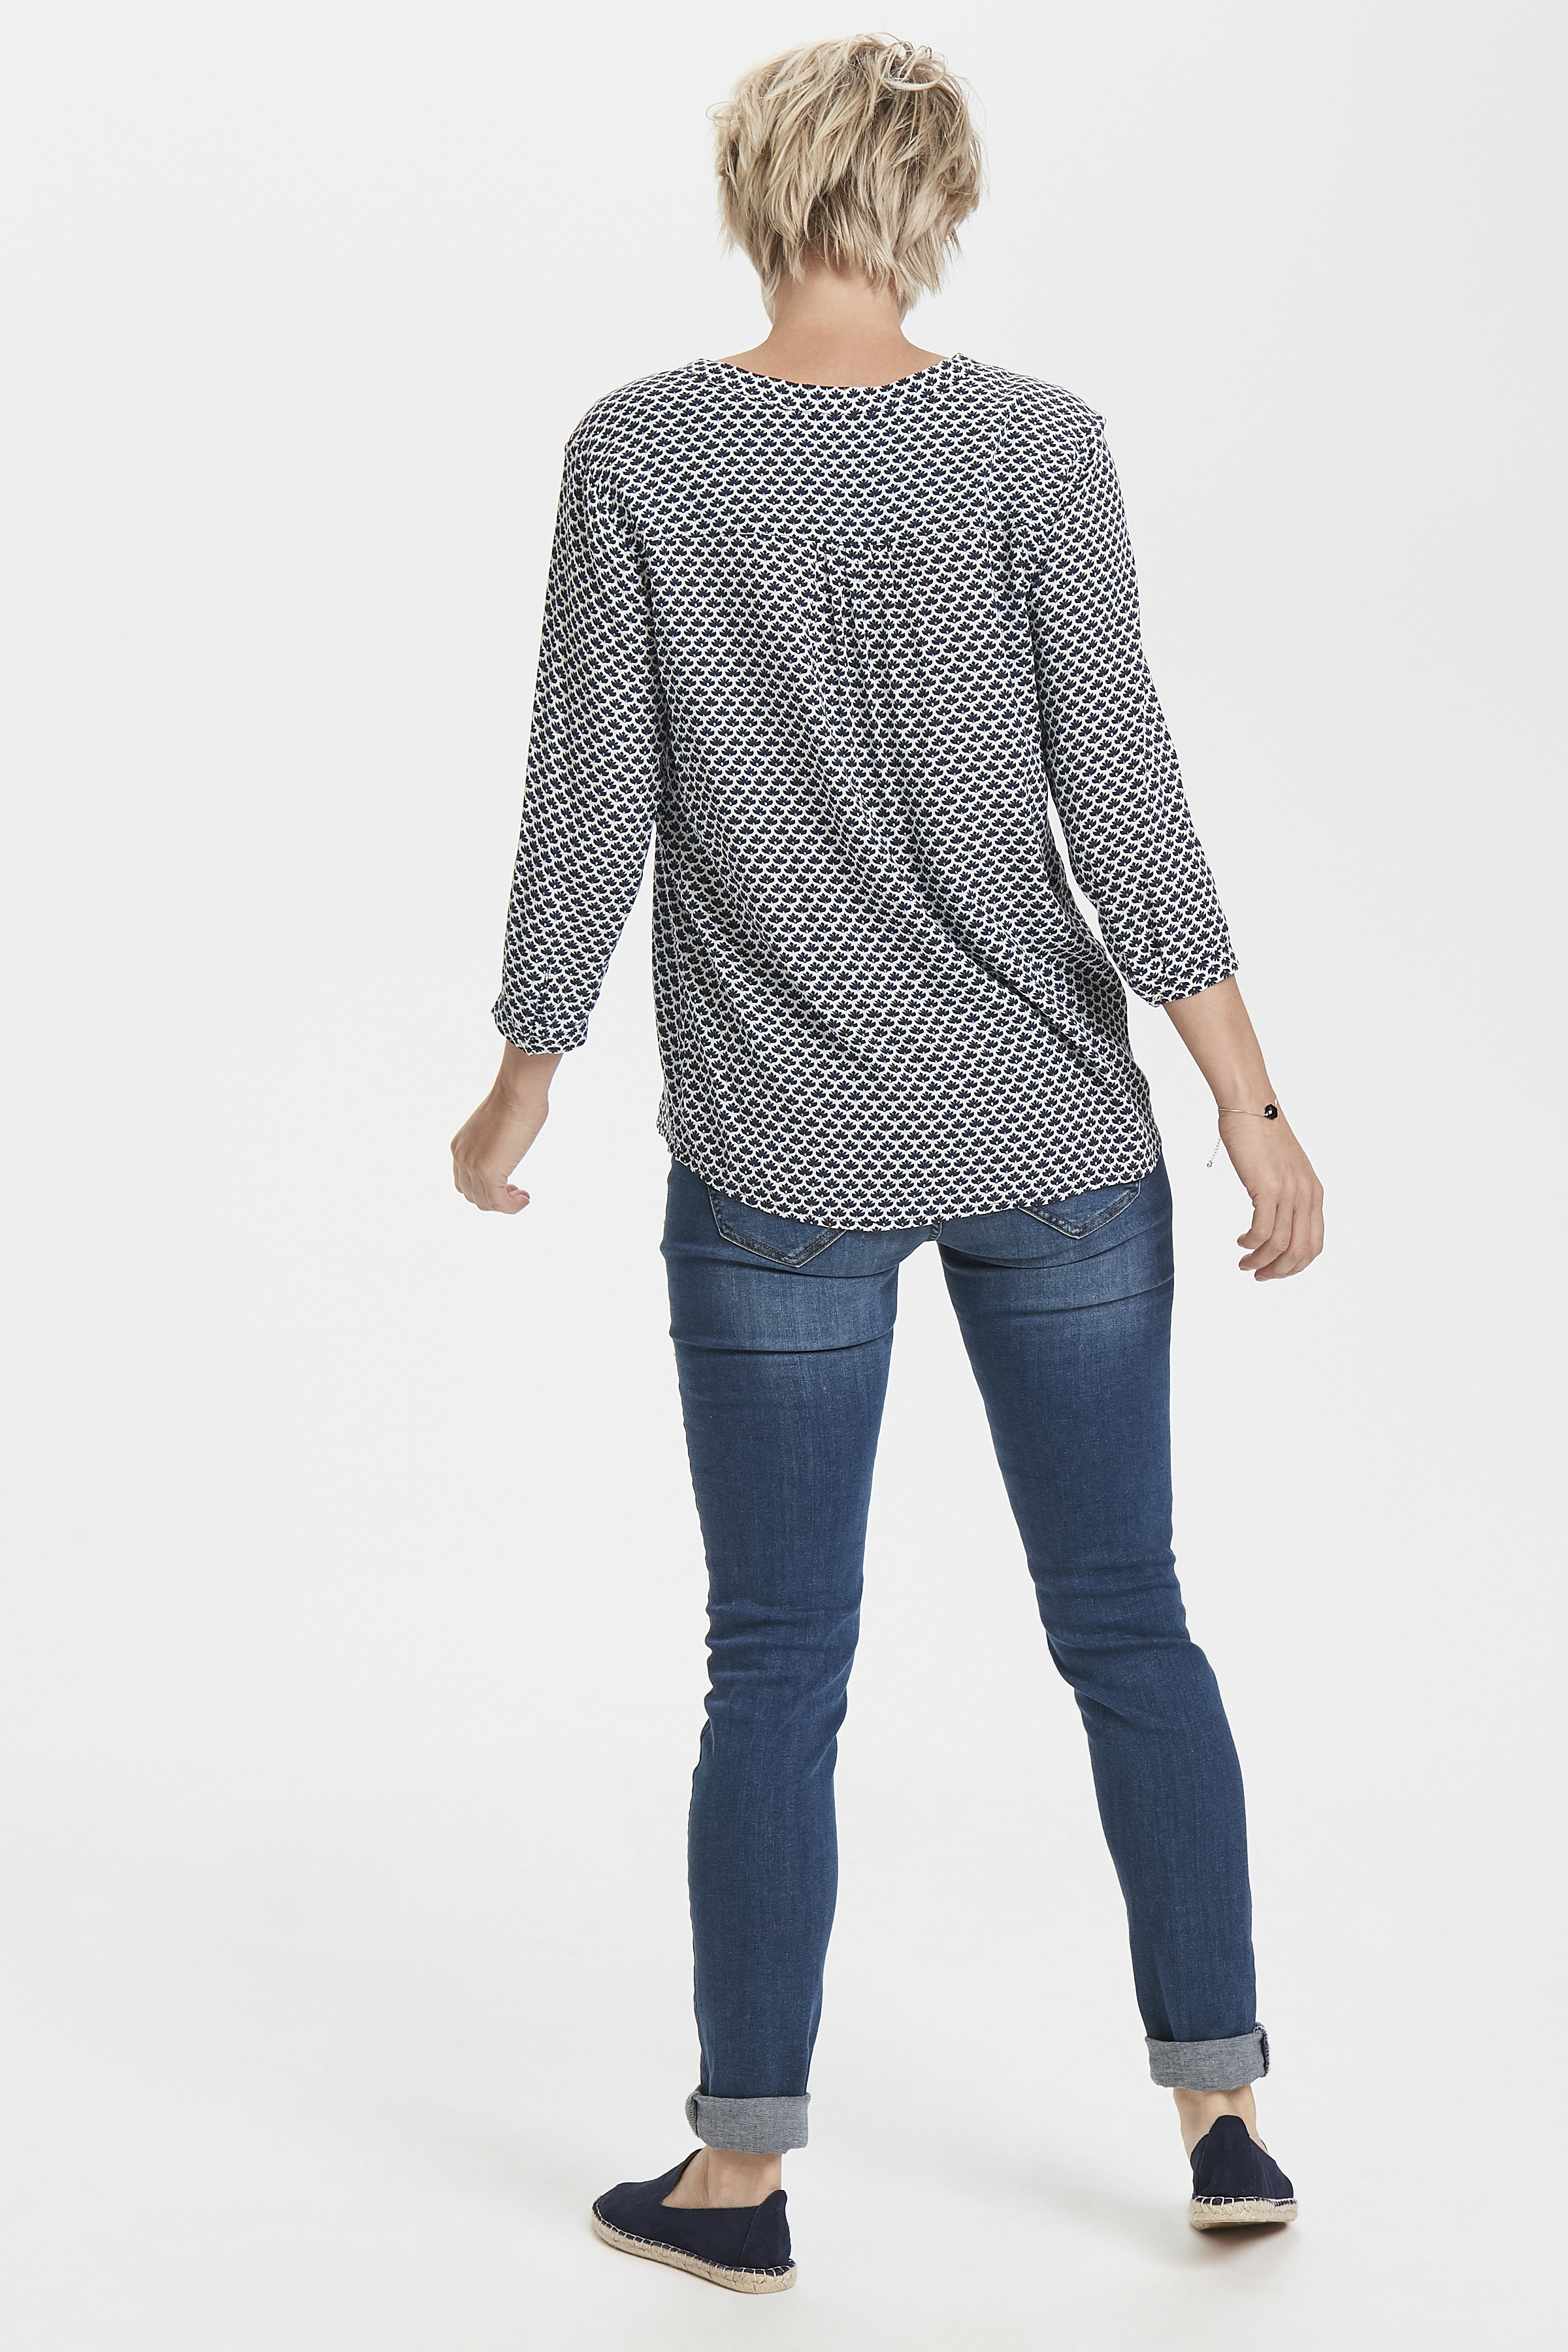 Weiß/marineblau Bluse von Fransa – Shoppen Sie Weiß/marineblau Bluse ab Gr. XS-XXL hier